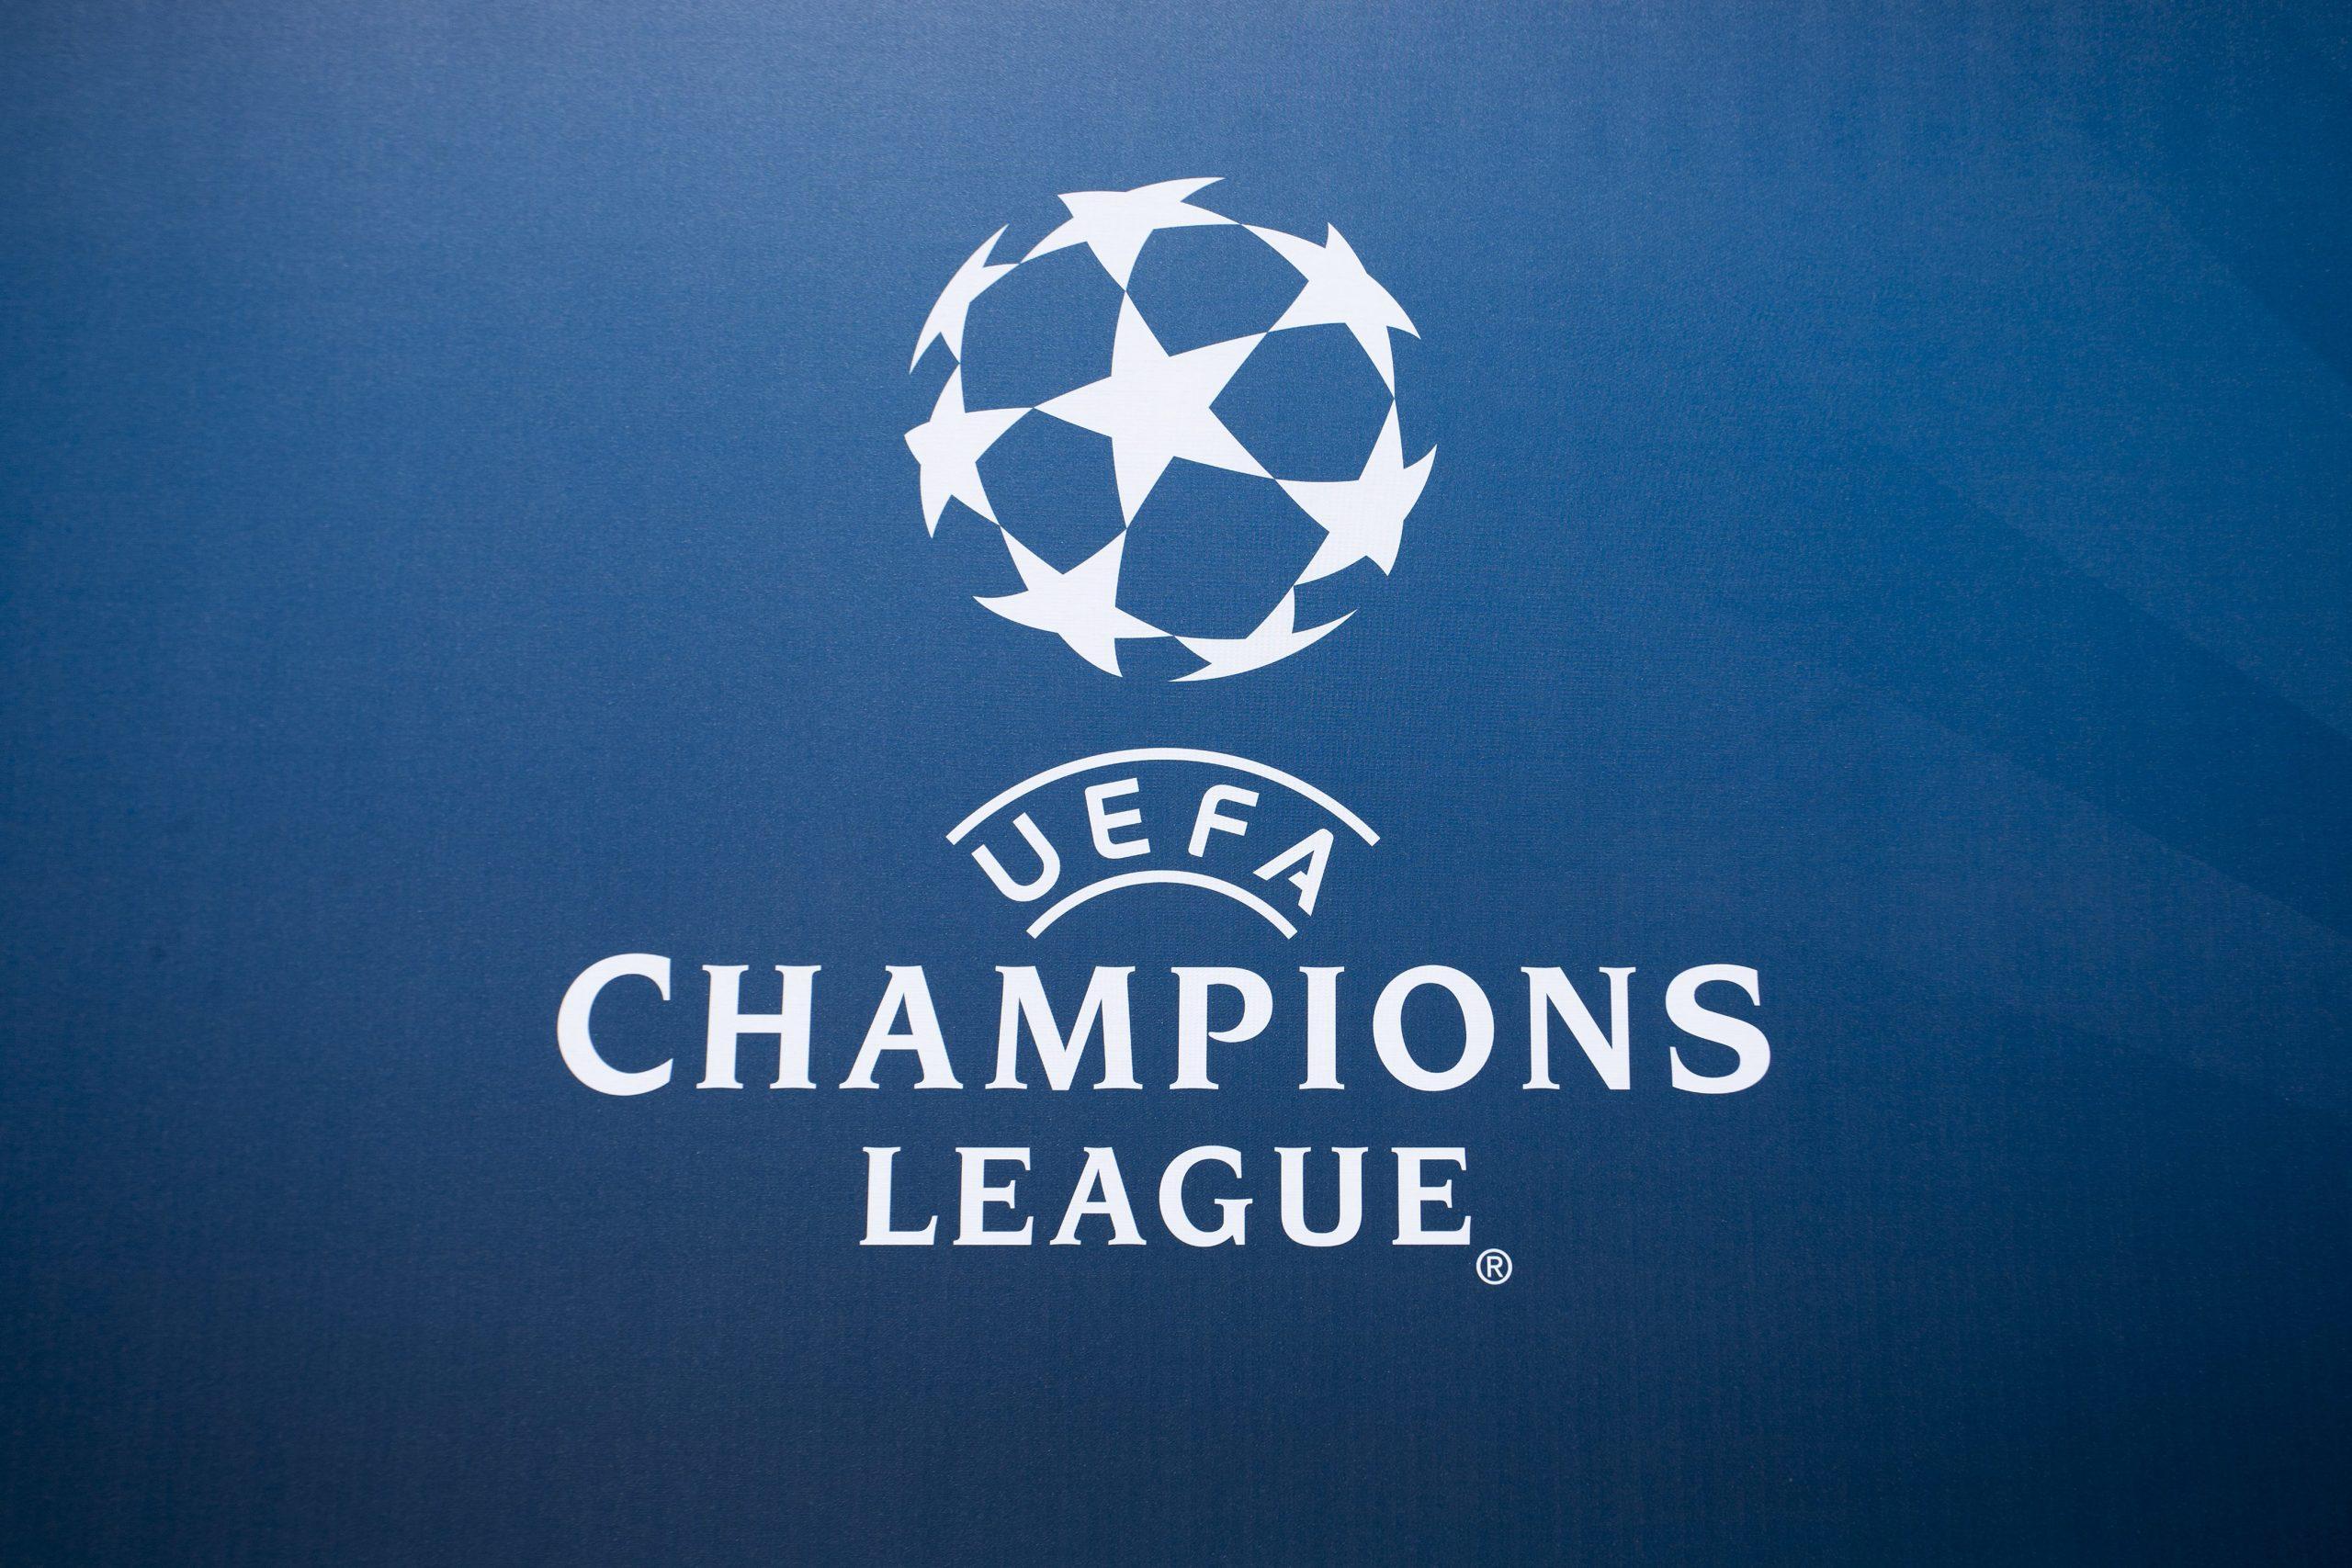 Officiel - La Ligue des Champions 2020-2021 sera aussi diffusée par Téléfoot